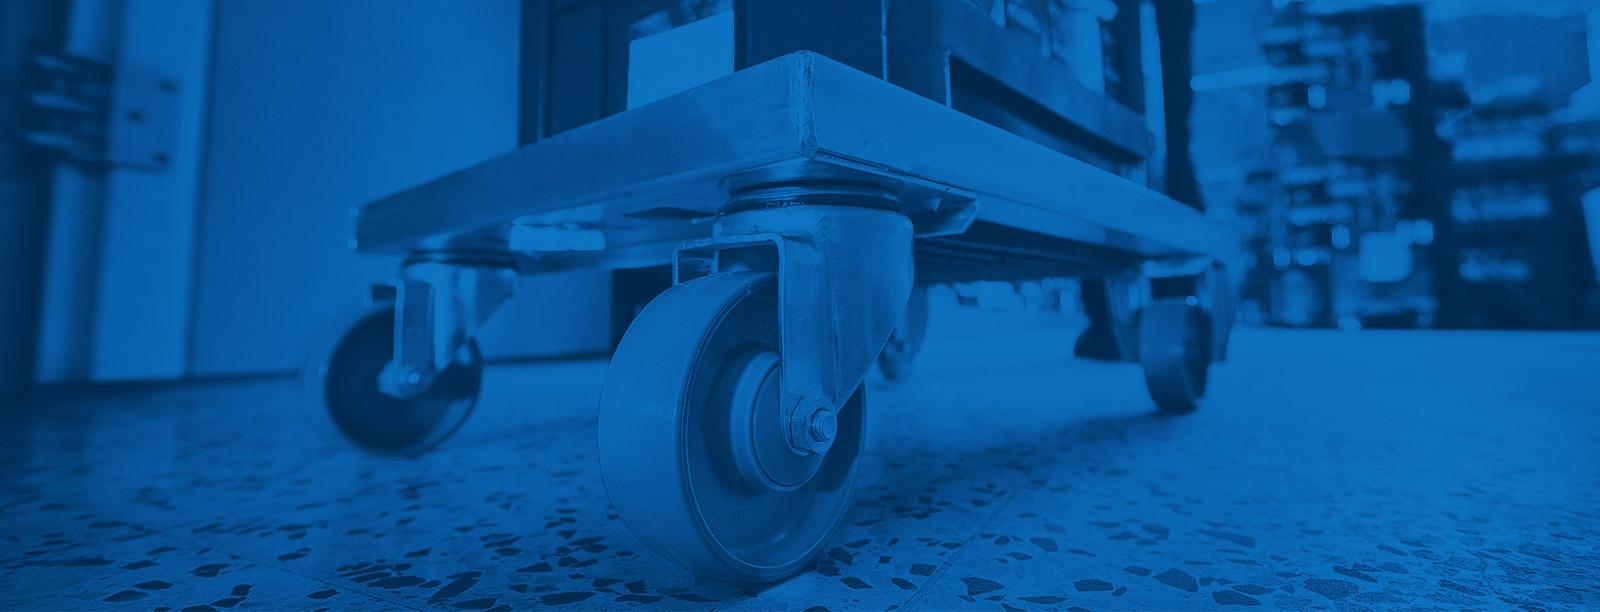 Manner industrihjul för logistik